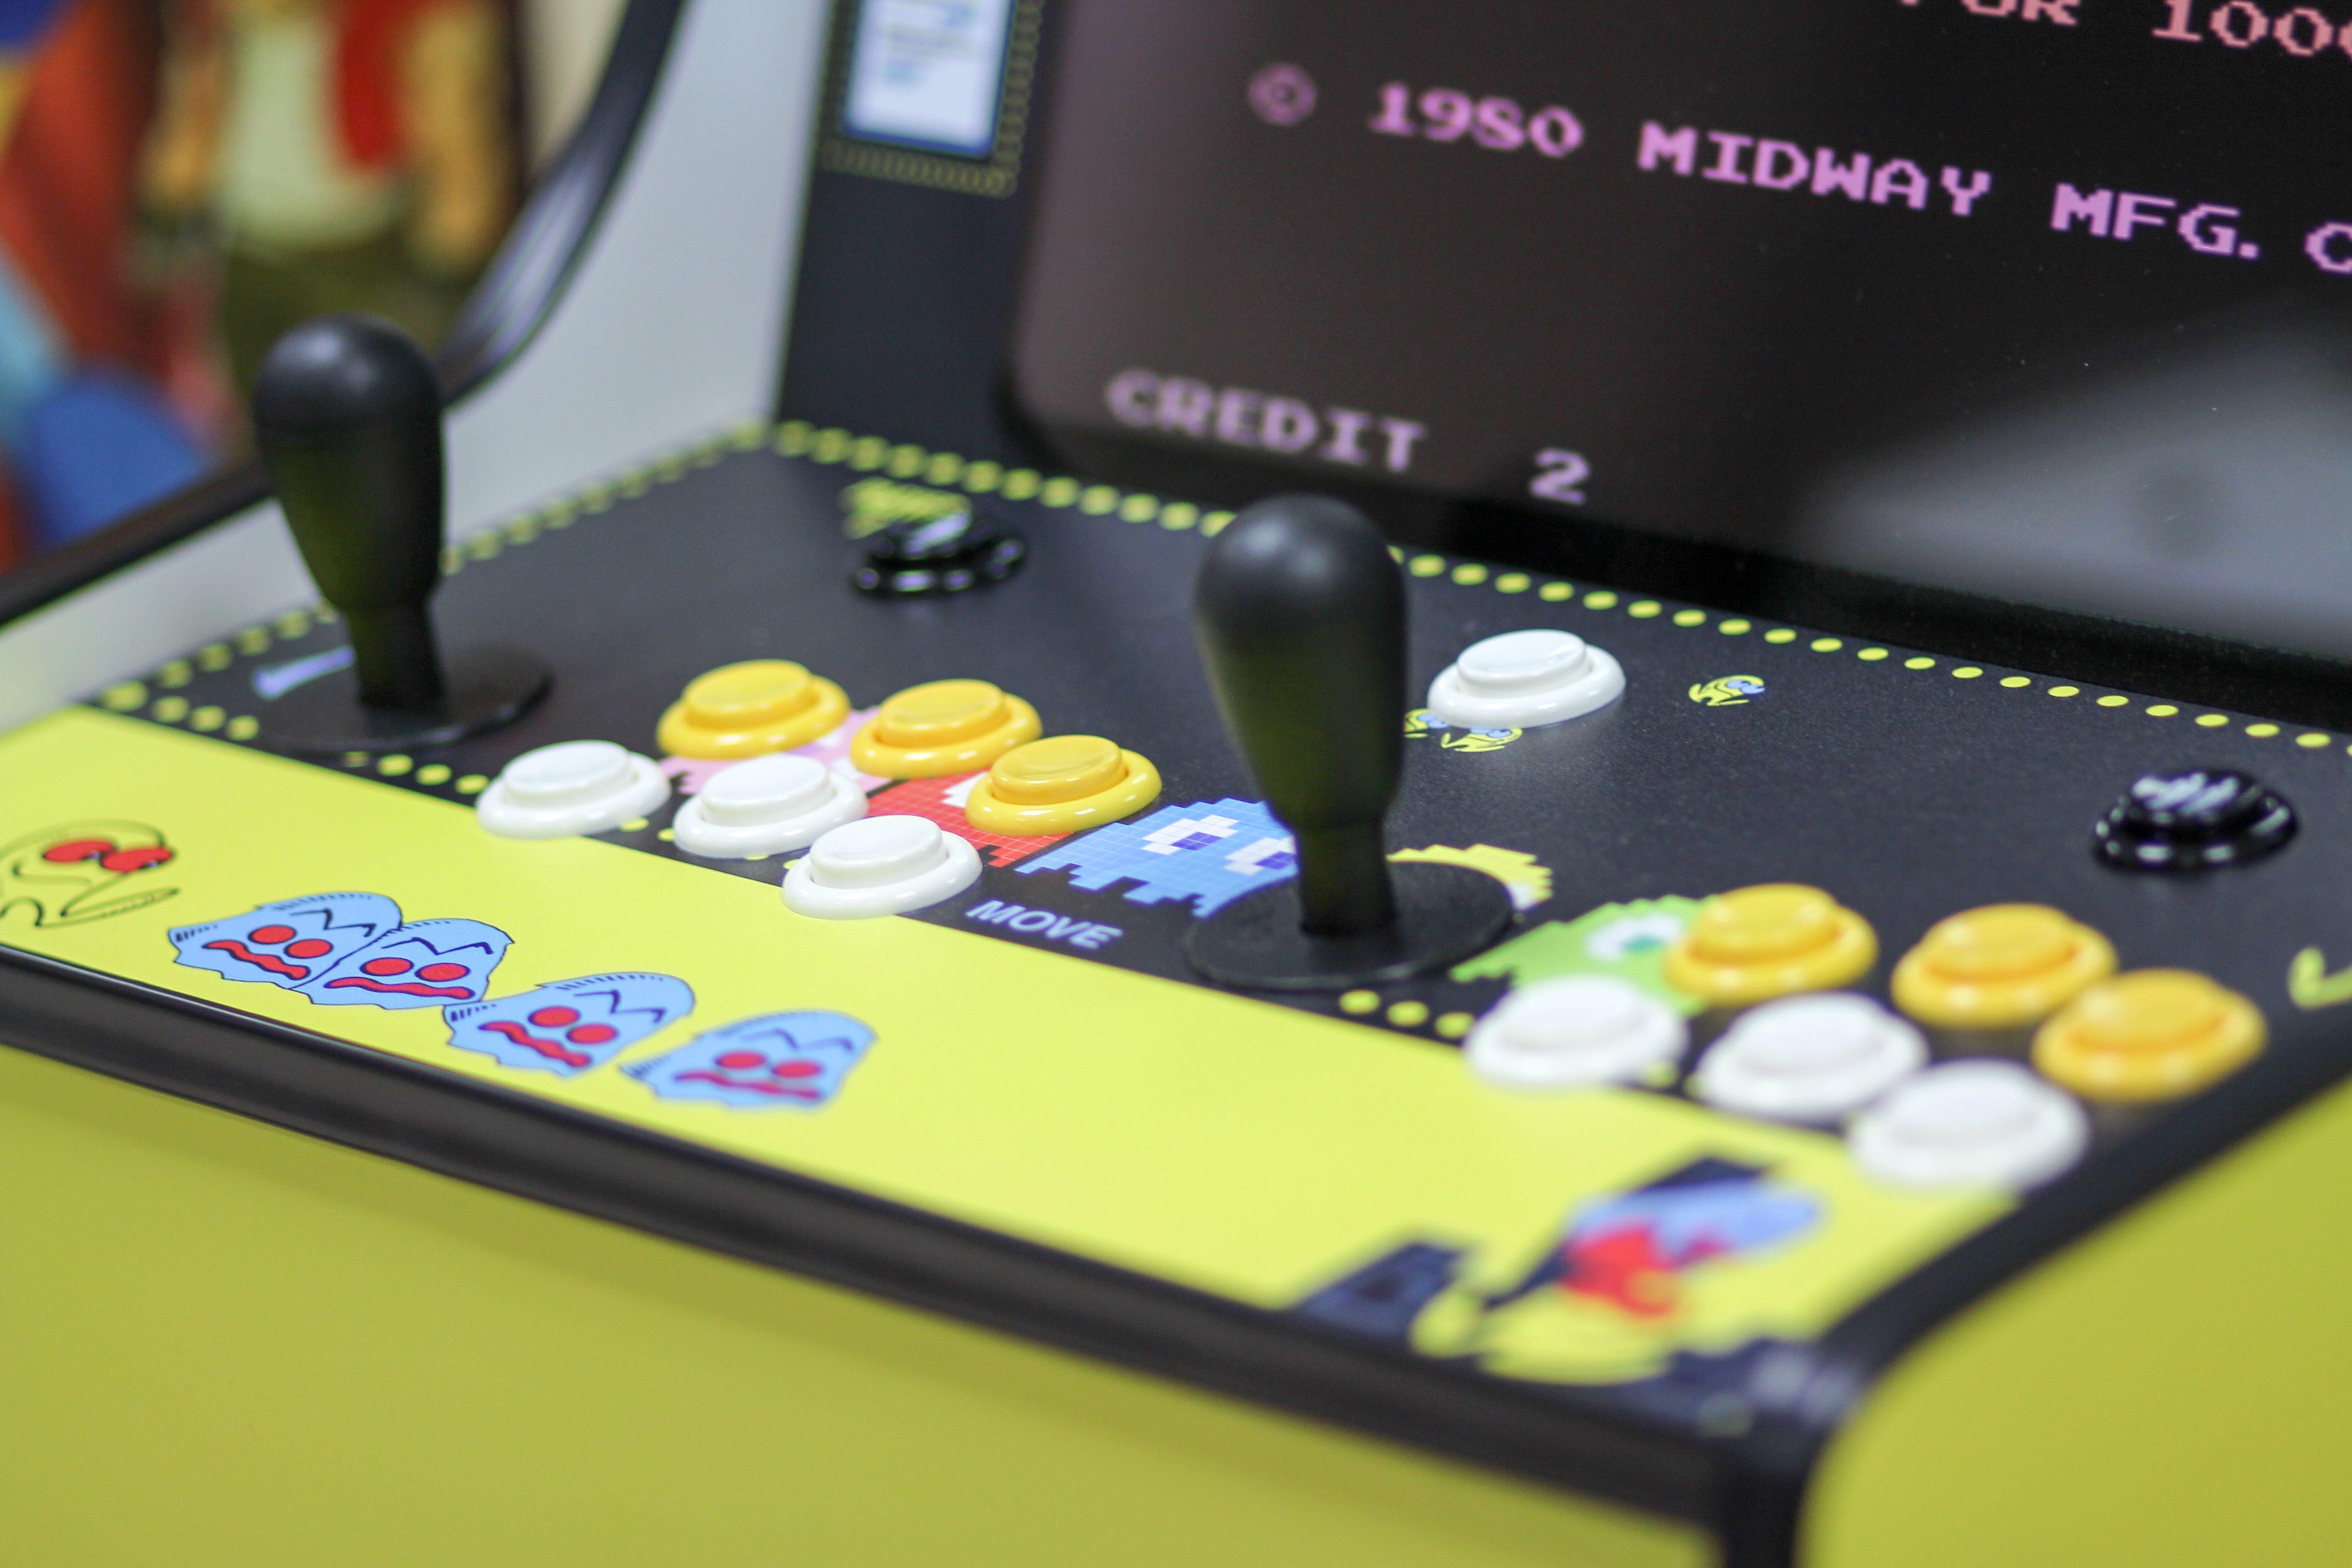 Puedes personalizar tu máquina con vinilos en una amplia variedad de diseños